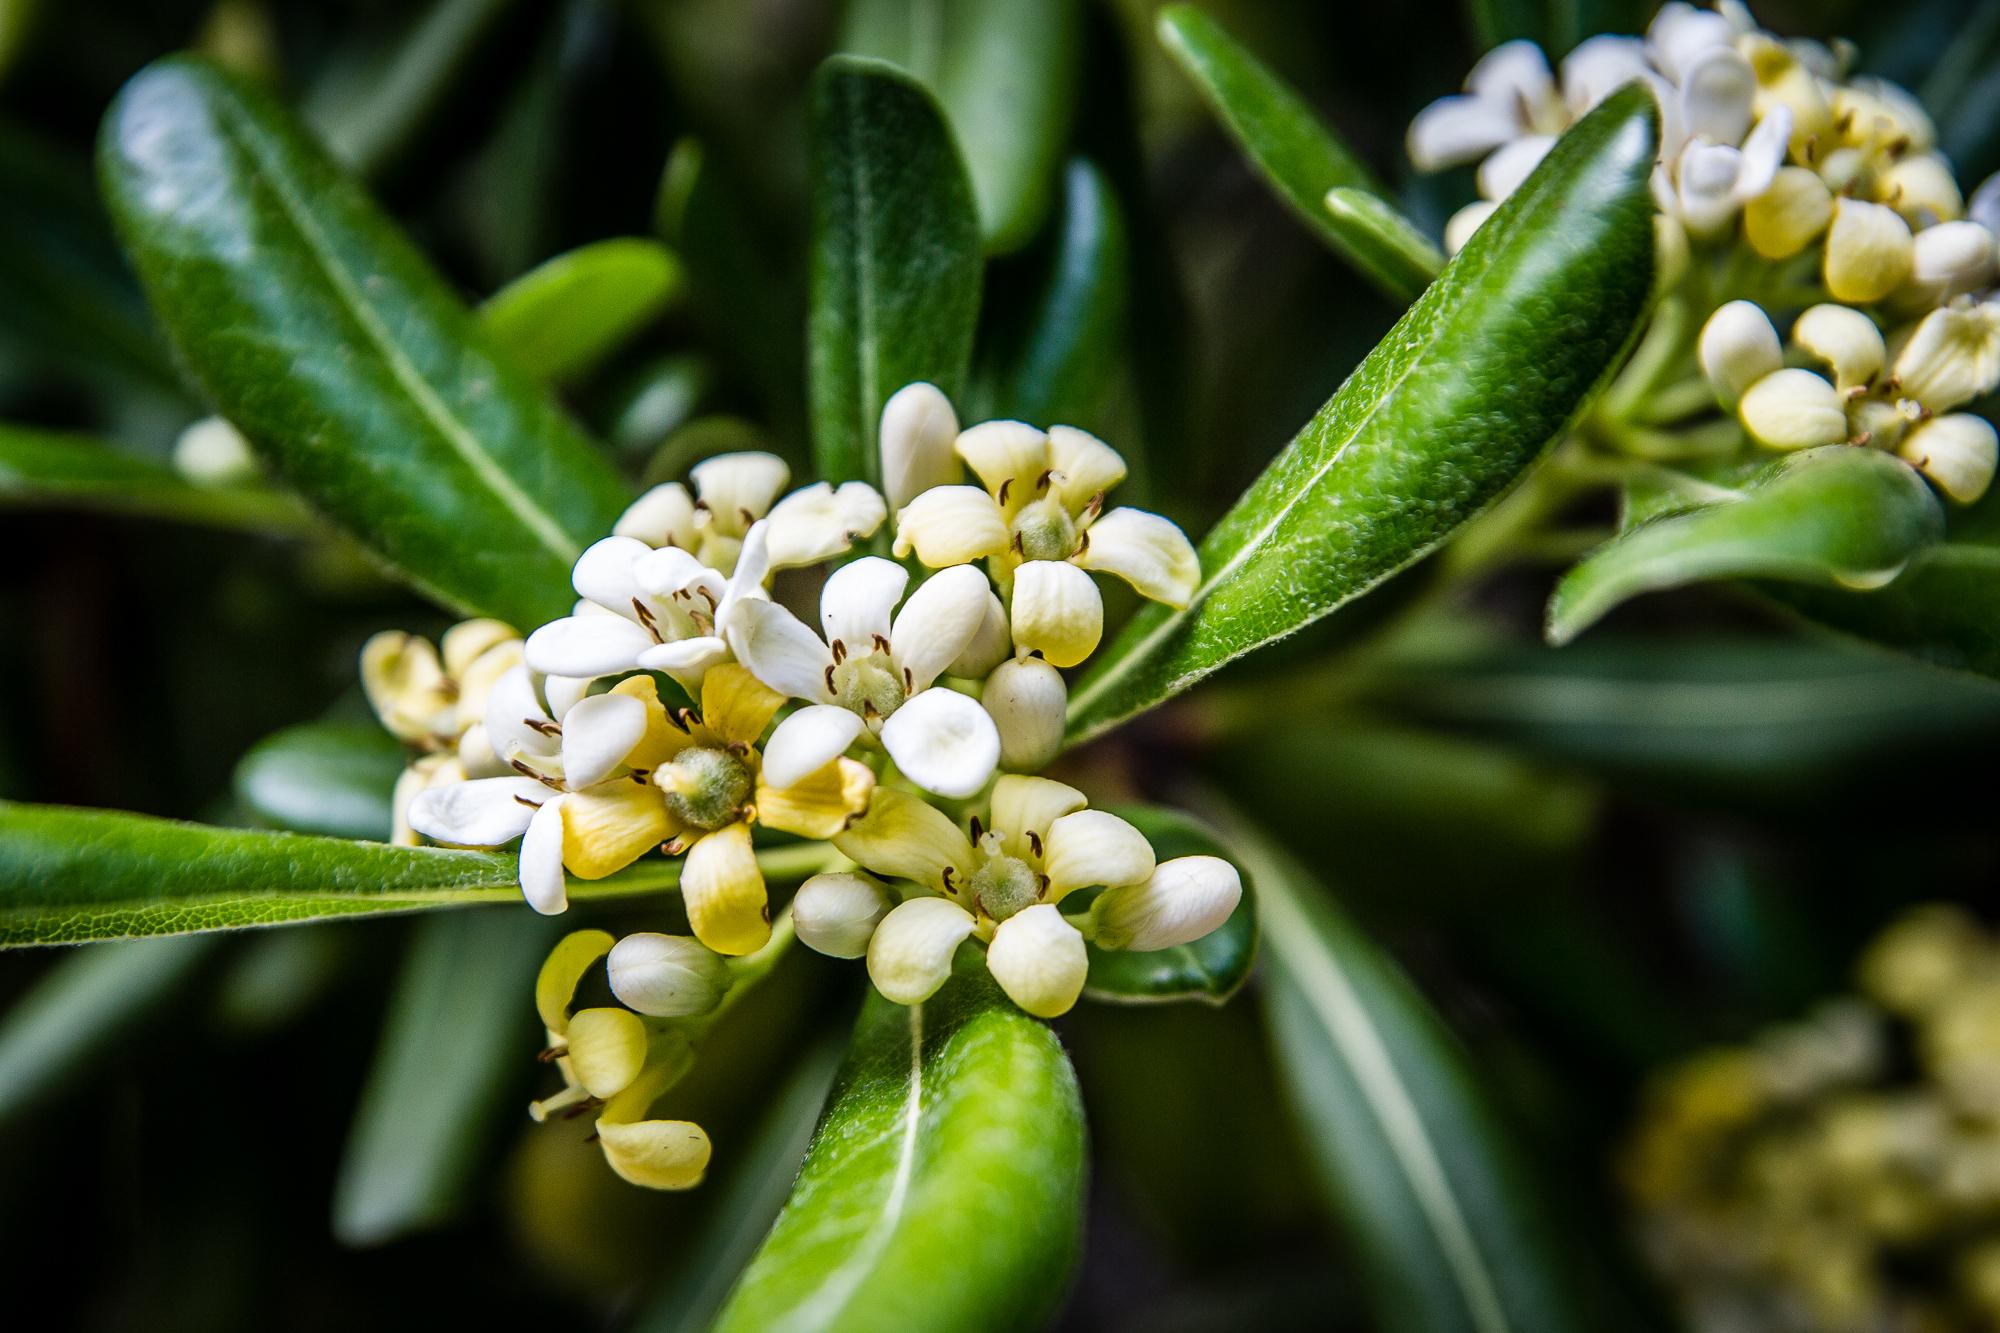 Citrus Blossoms Via @Atisgailis